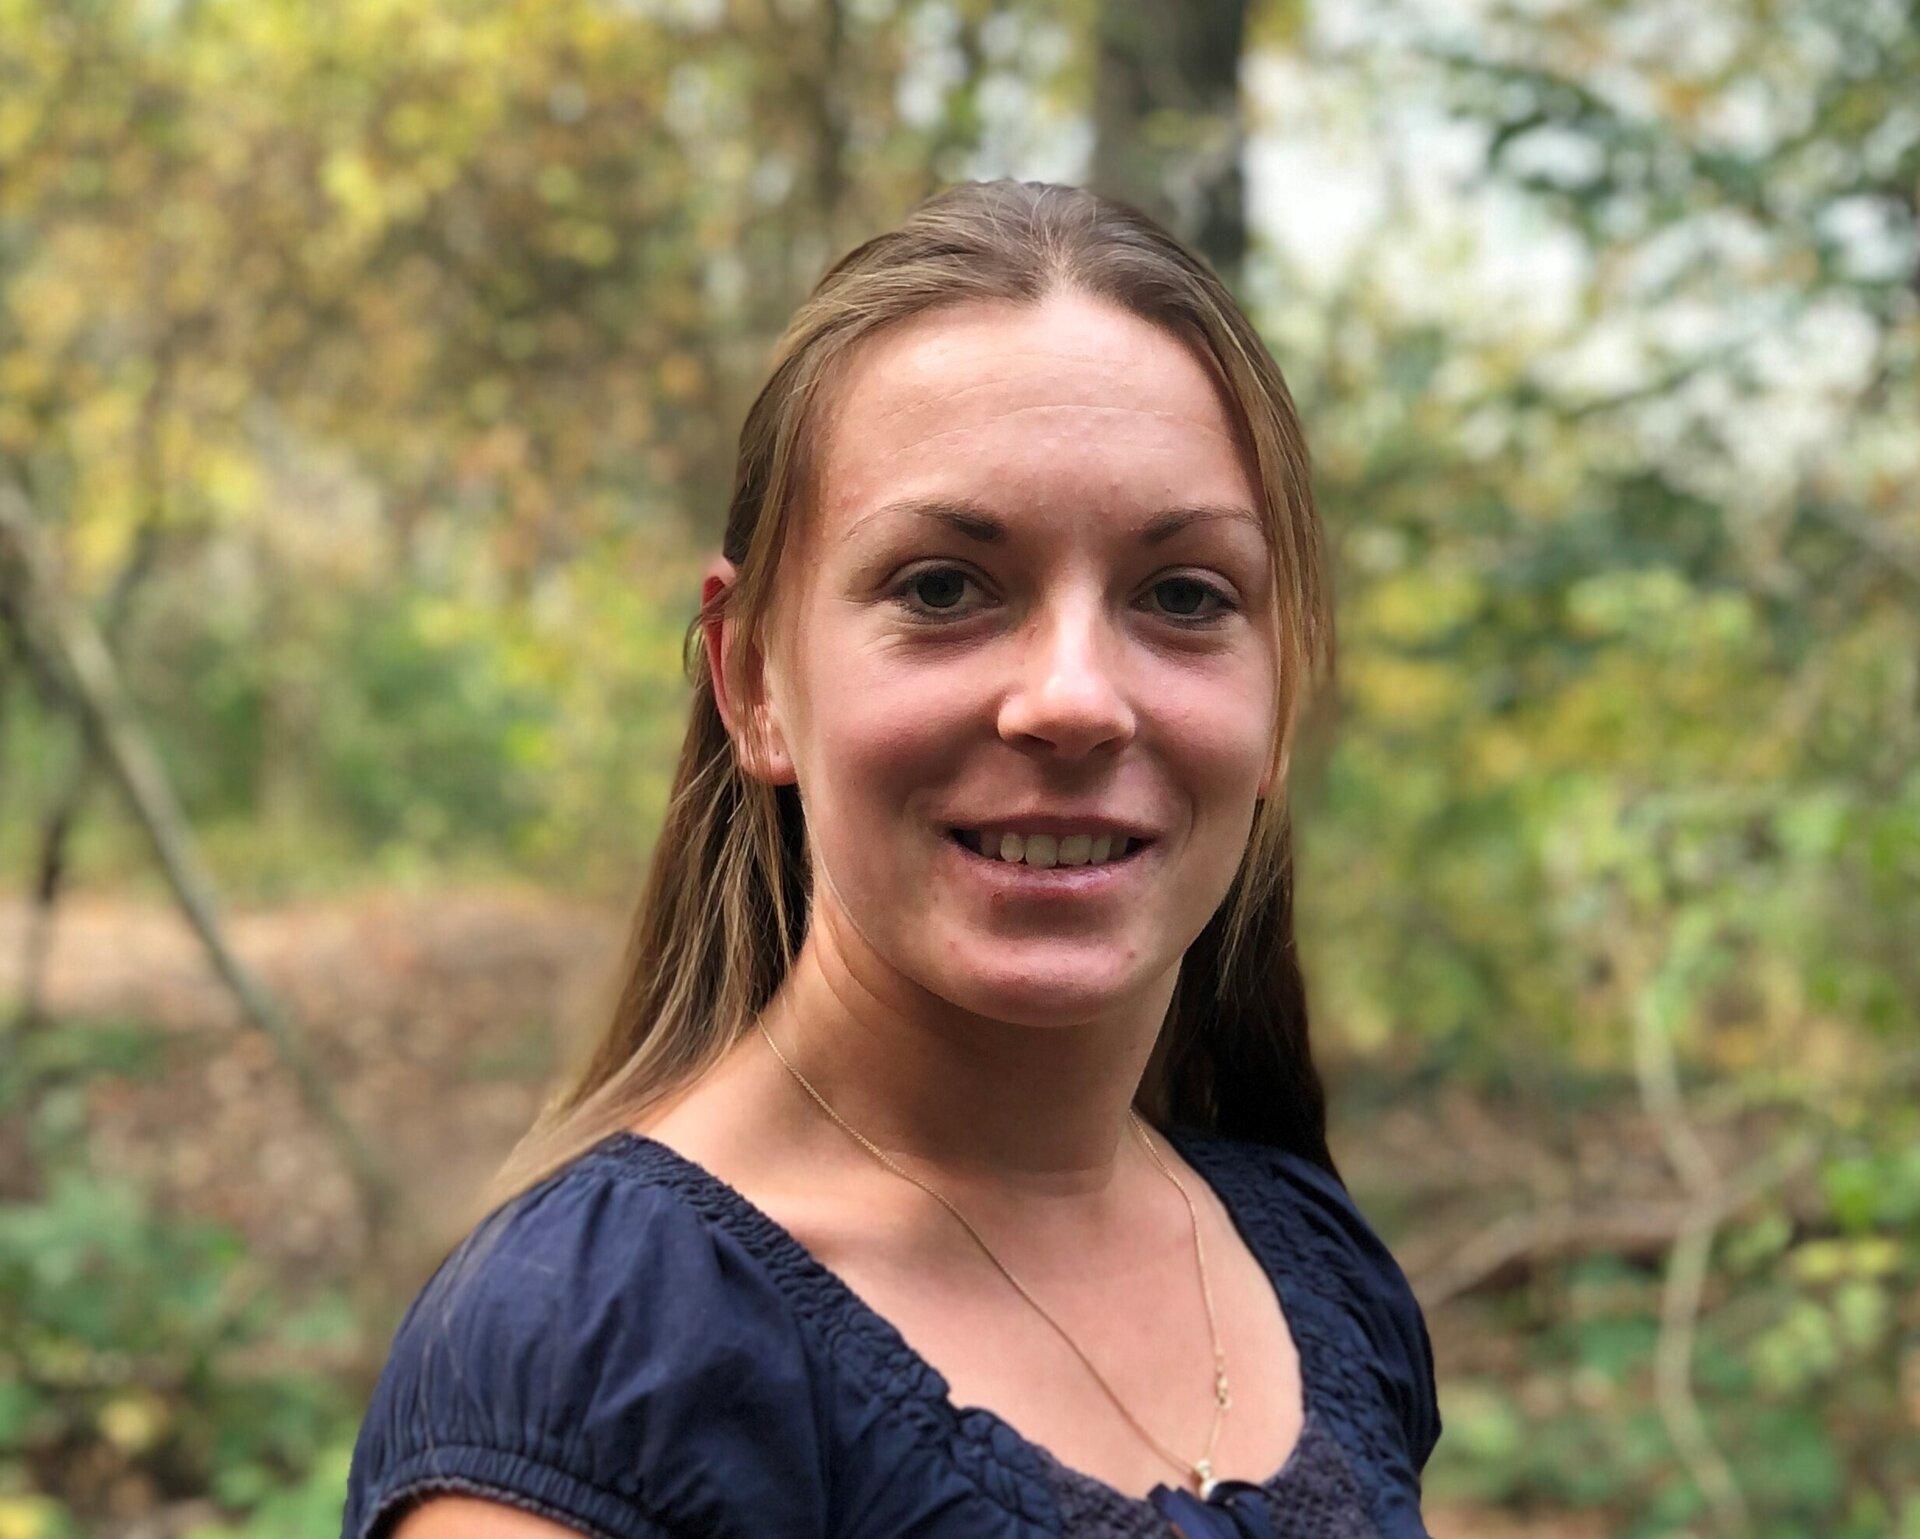 Sabrina Frahne